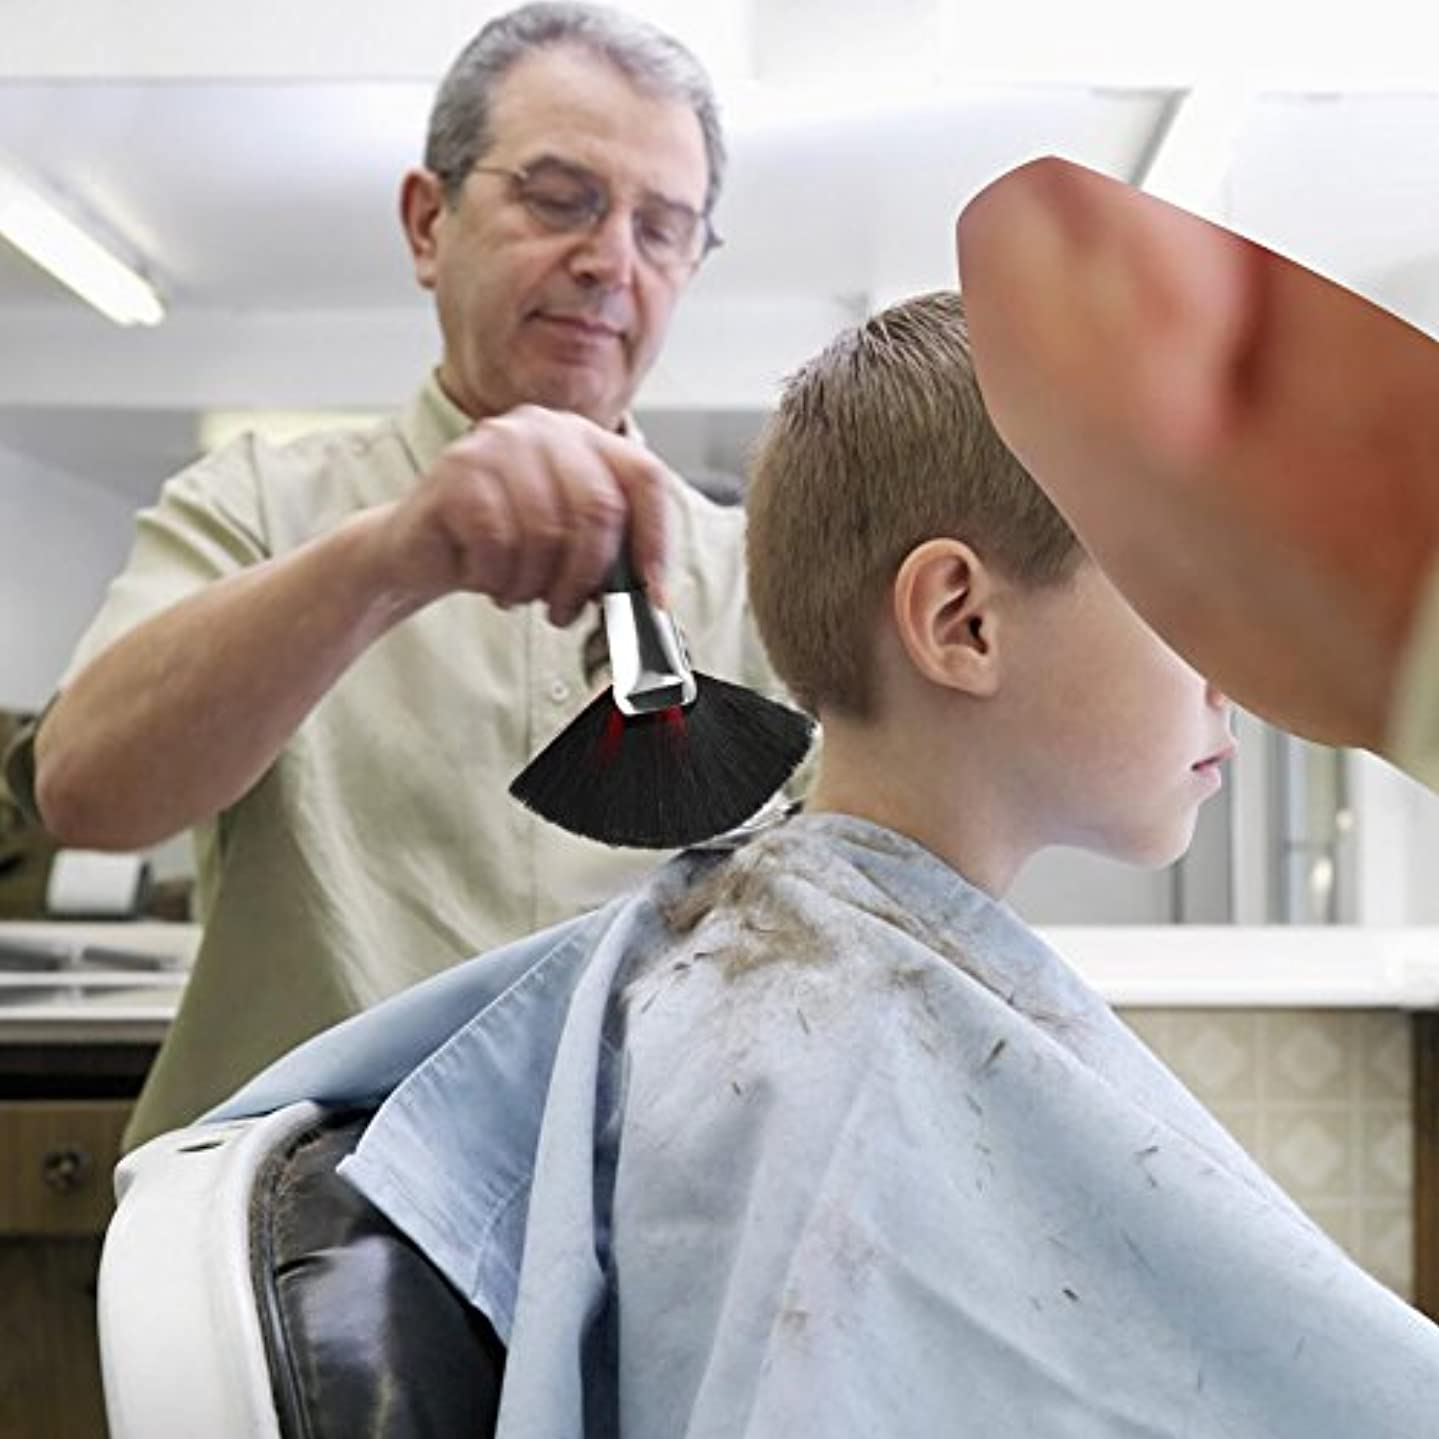 下品柔らかさ特派員新型 理髪首ダストクリーンブラシ黒ソフトヘアカットサロンスタイリングツール用理髪